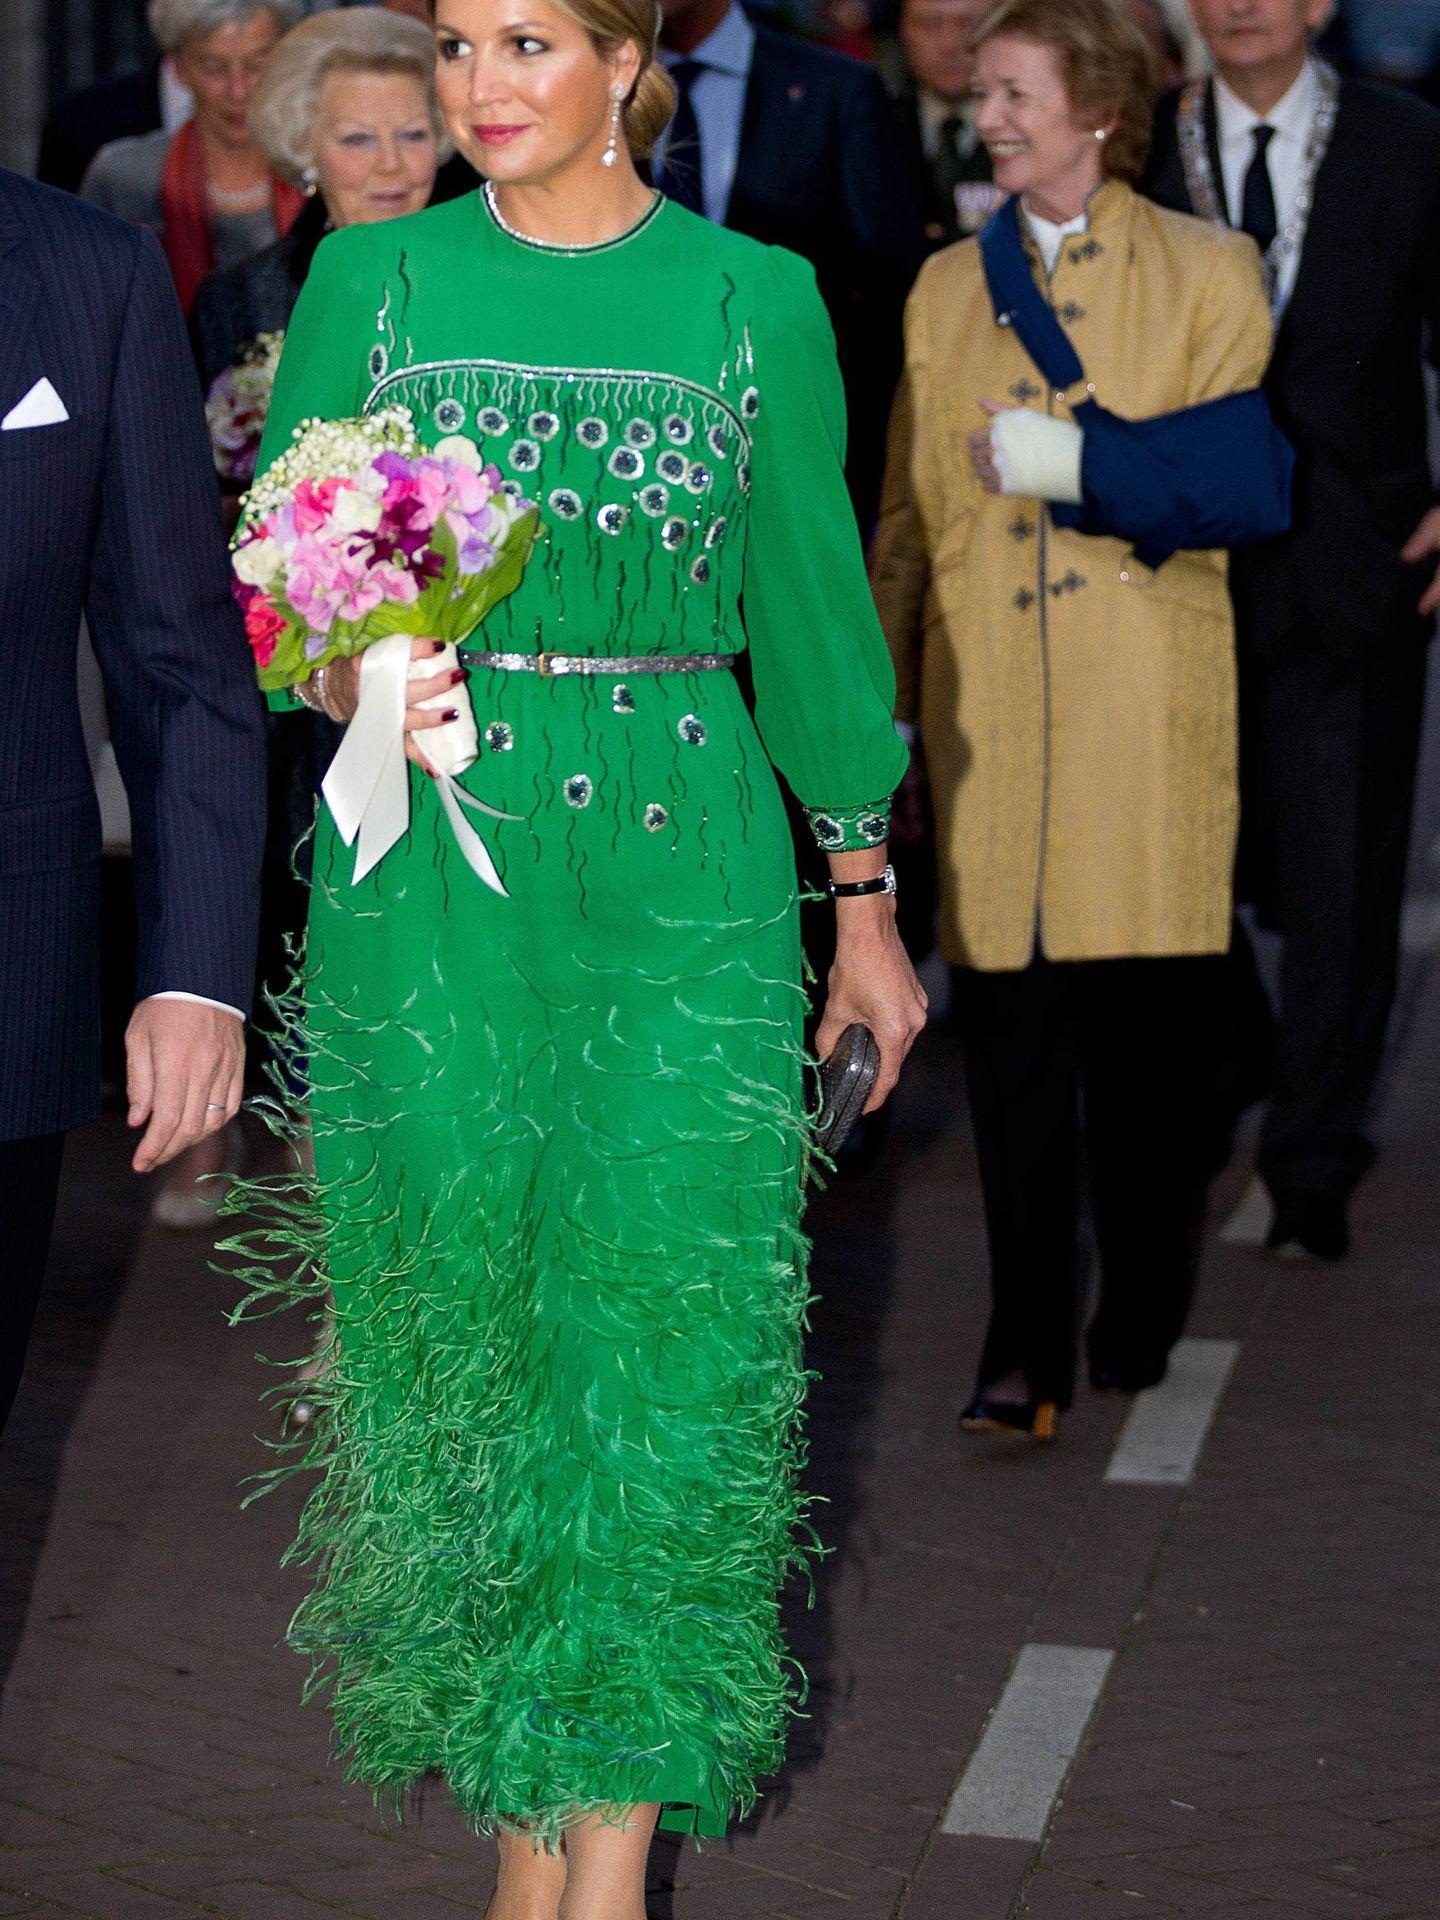 La reina Máxima en el Día de la Liberación de 2014, llevando un vestido de la reina Beatriz. (Cordon Press)